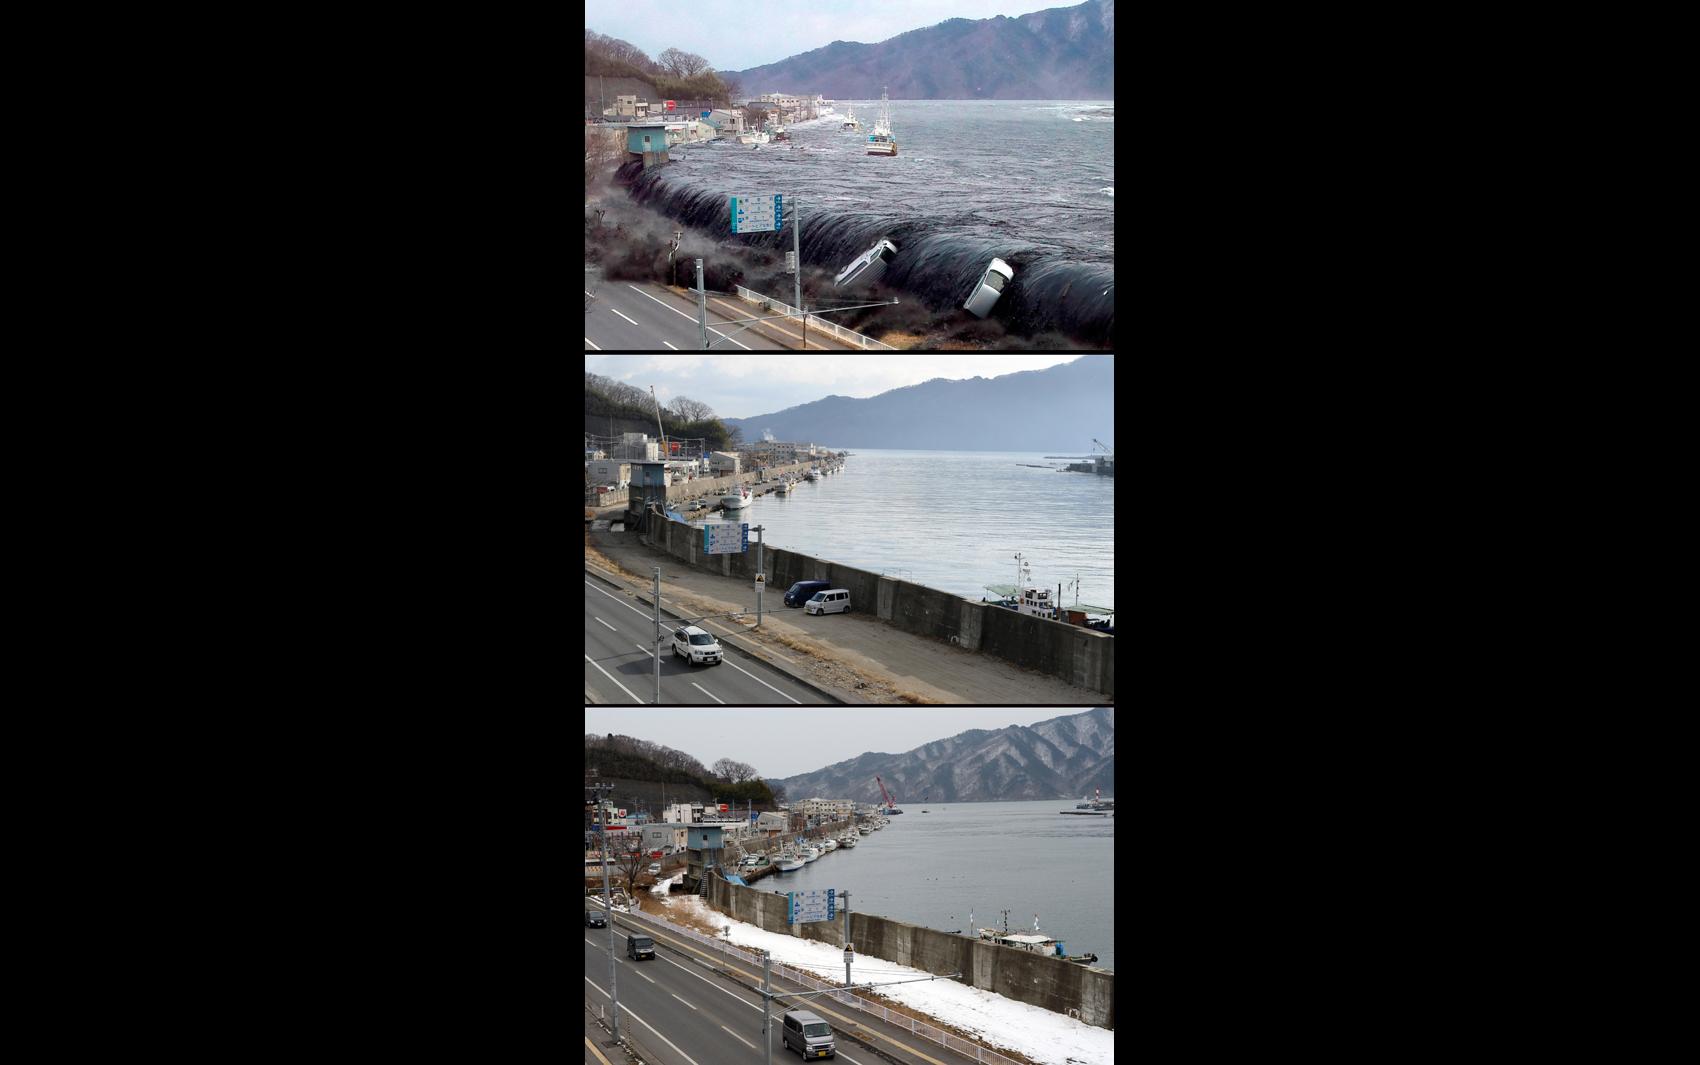 Foto mostra onda de tsunami invadindo a cidade de Miyako em 2011, abaixo o mesmo local em 16 de janeiro 2012 e 18 de fevereiro de 2013.